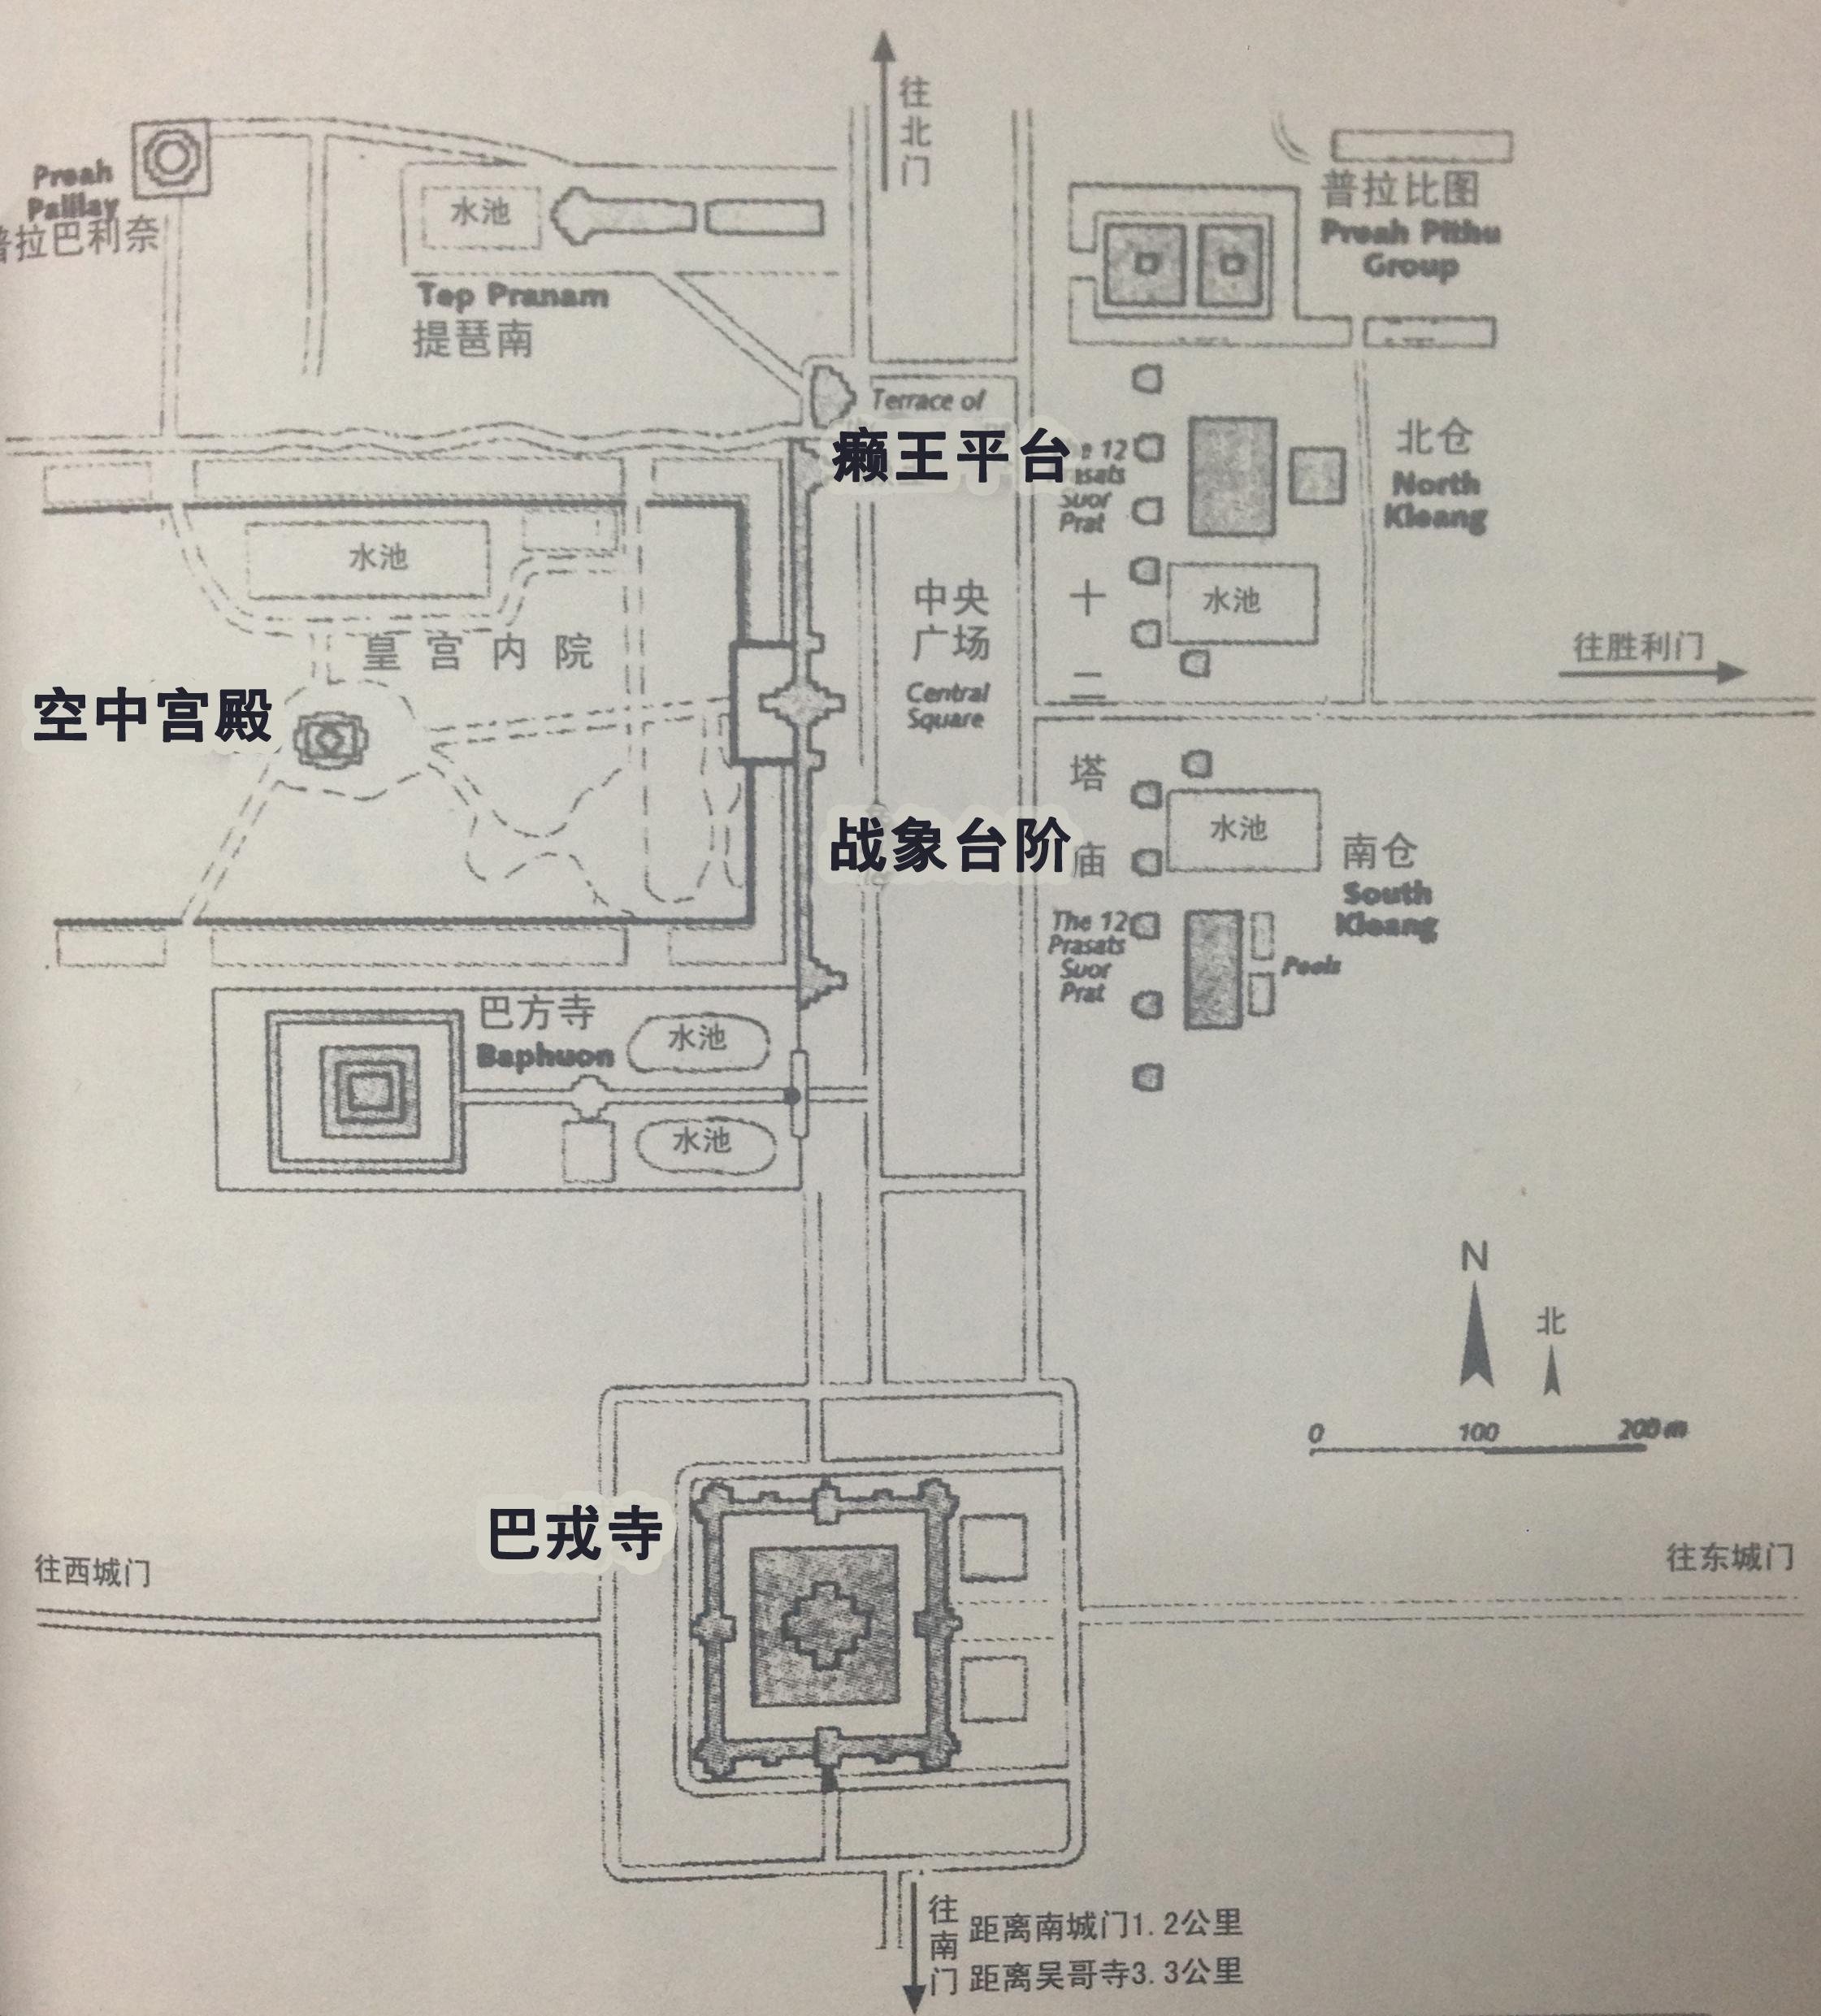 通王城中心建筑遗迹指示图